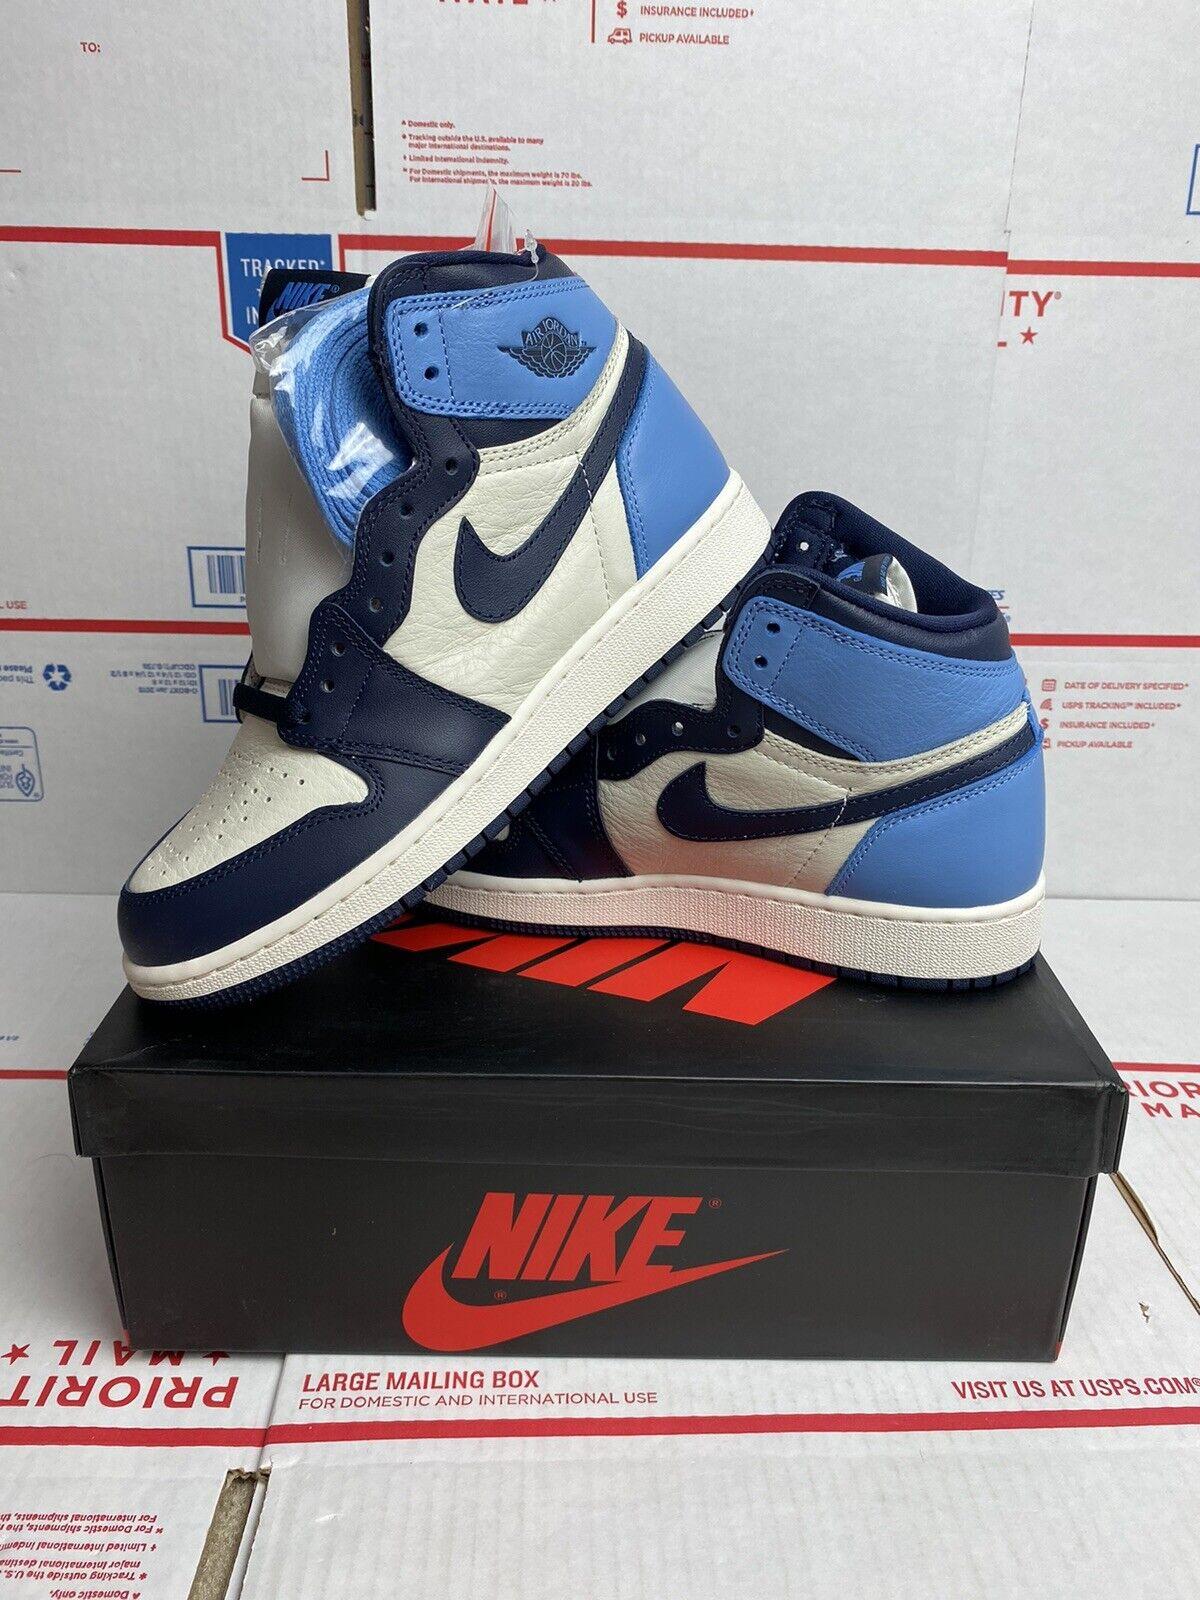 Nike Air Jordan 1 Retro High Og Unc Carolina Obsidian Blue Sz 6y